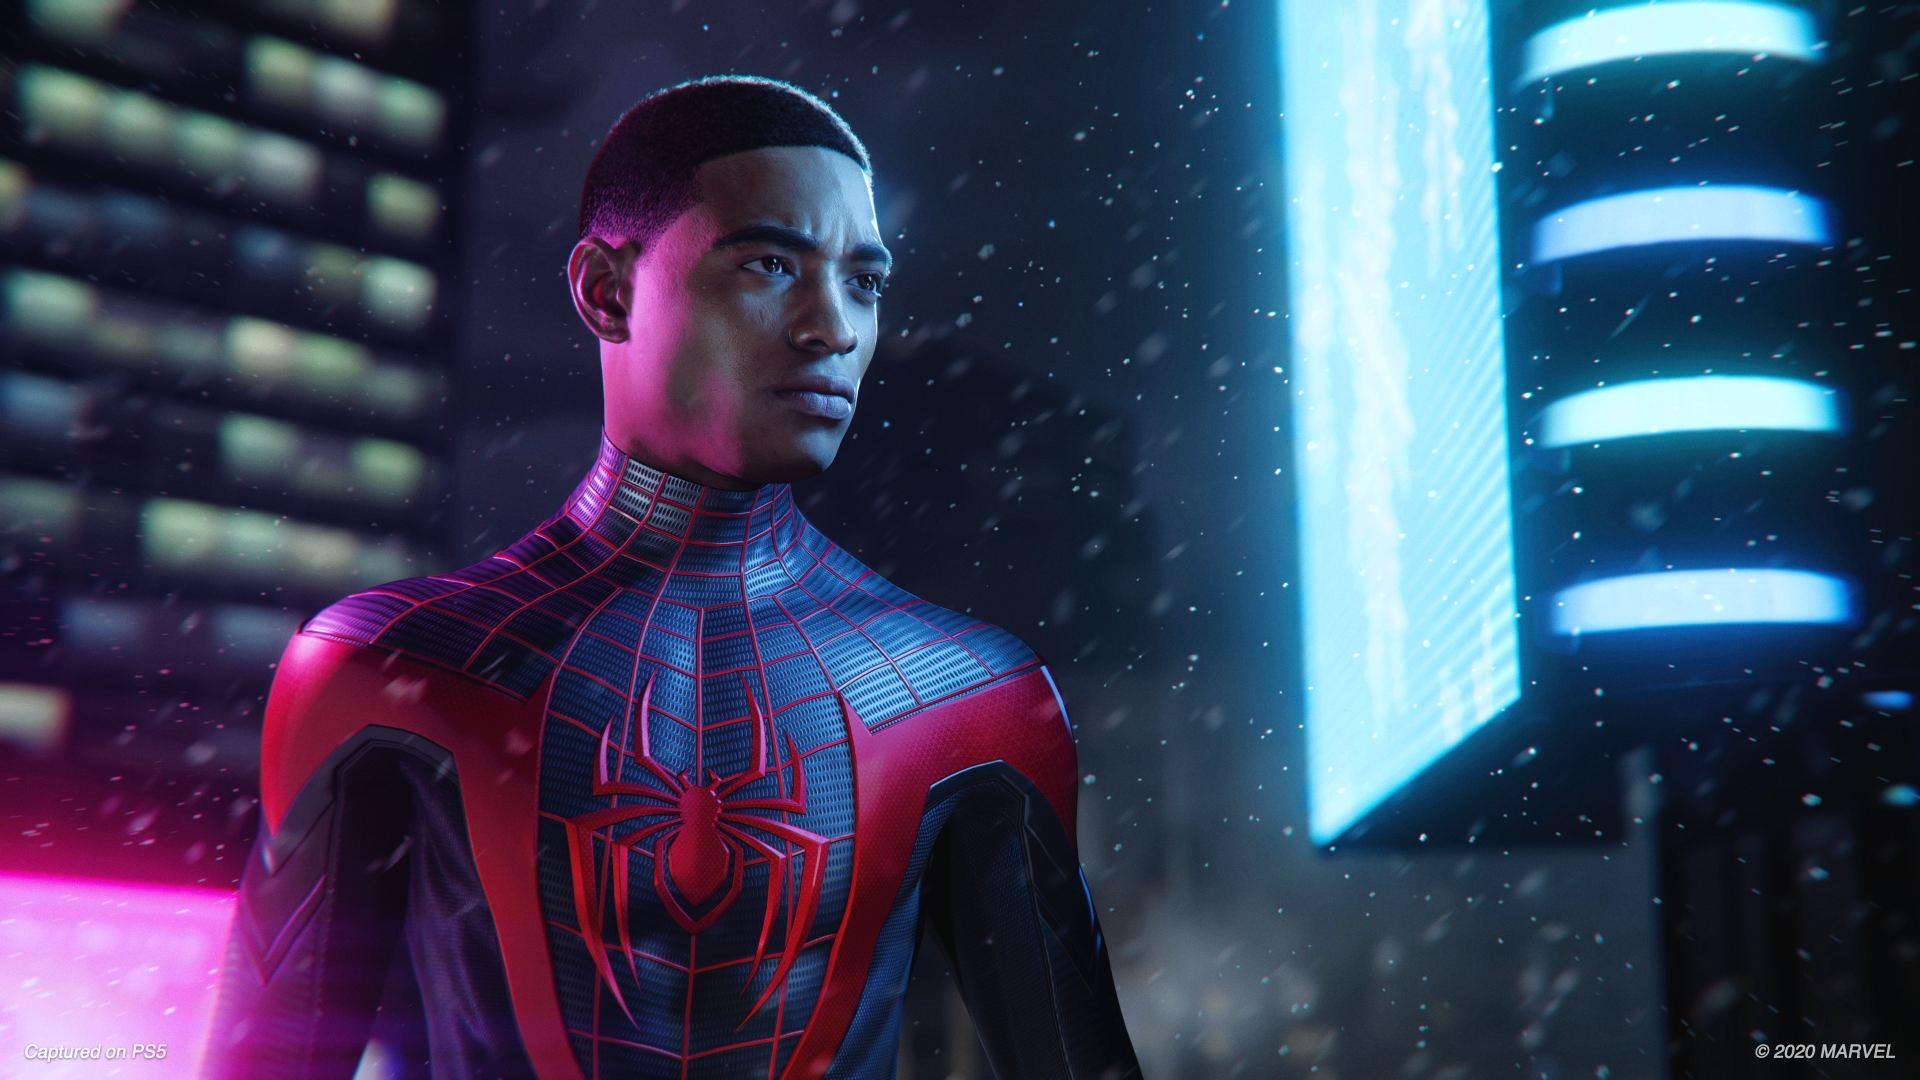 Spider-Man Miles Morales: Auflösung, Ladezeiten, Raytracing – Technische Details zur PS5-Version